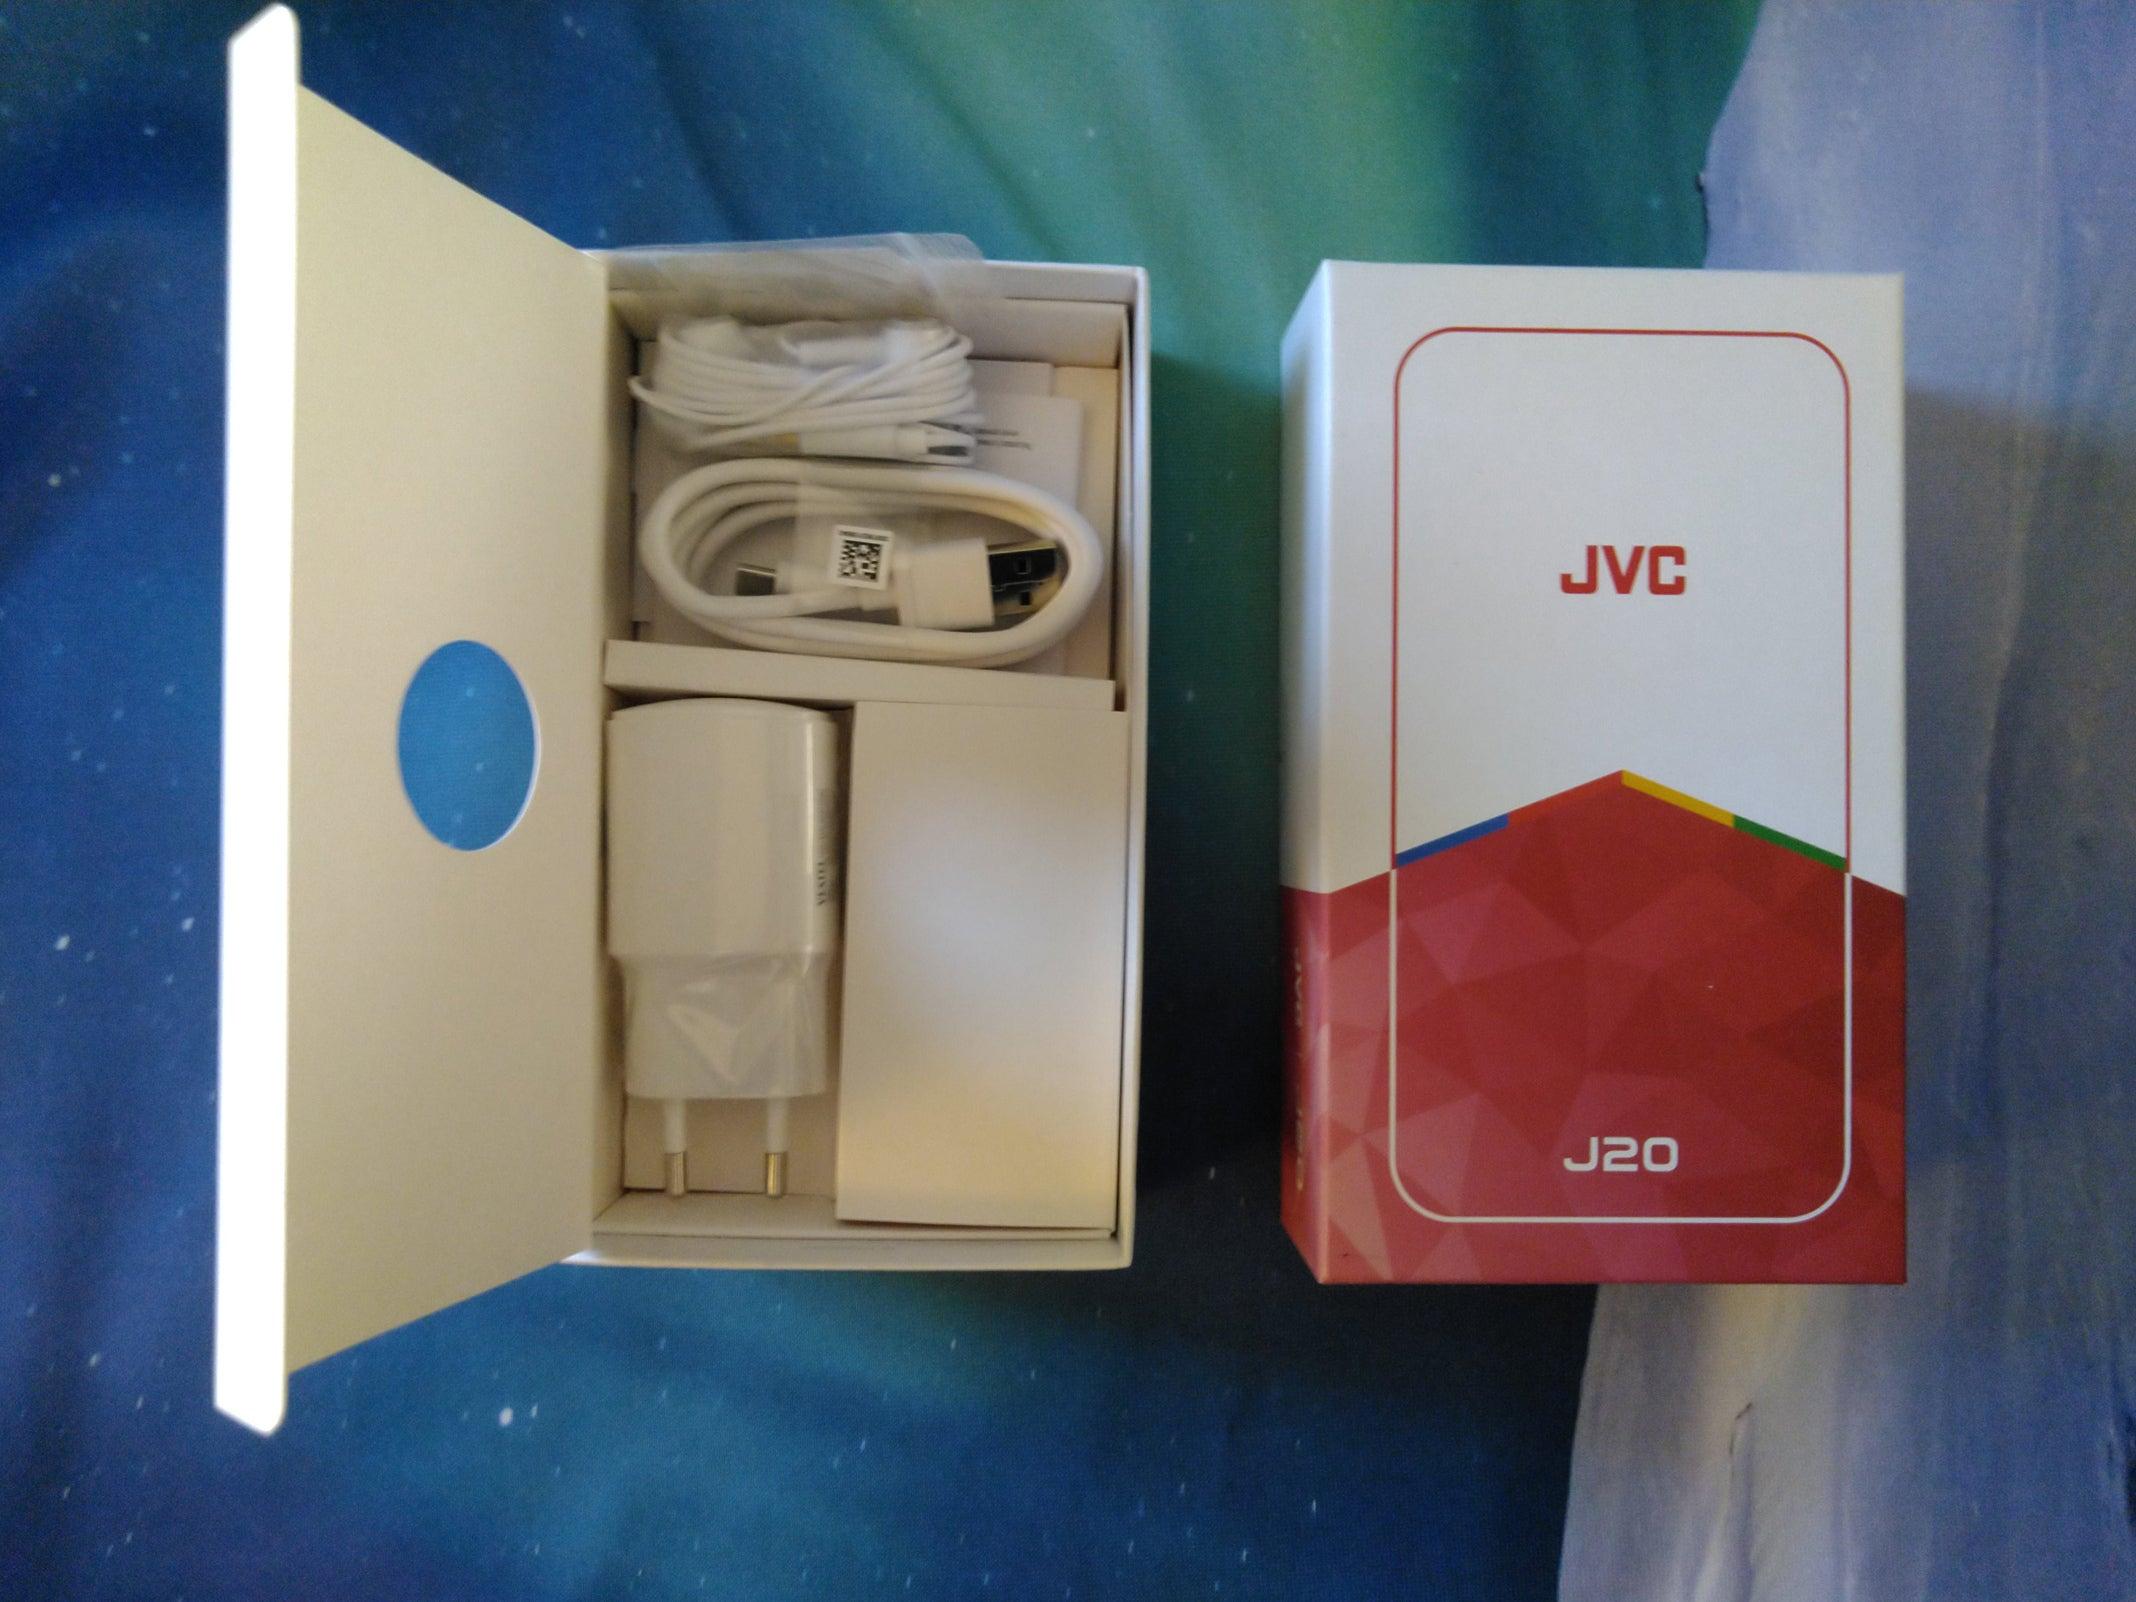 Verpackung des JVC J20